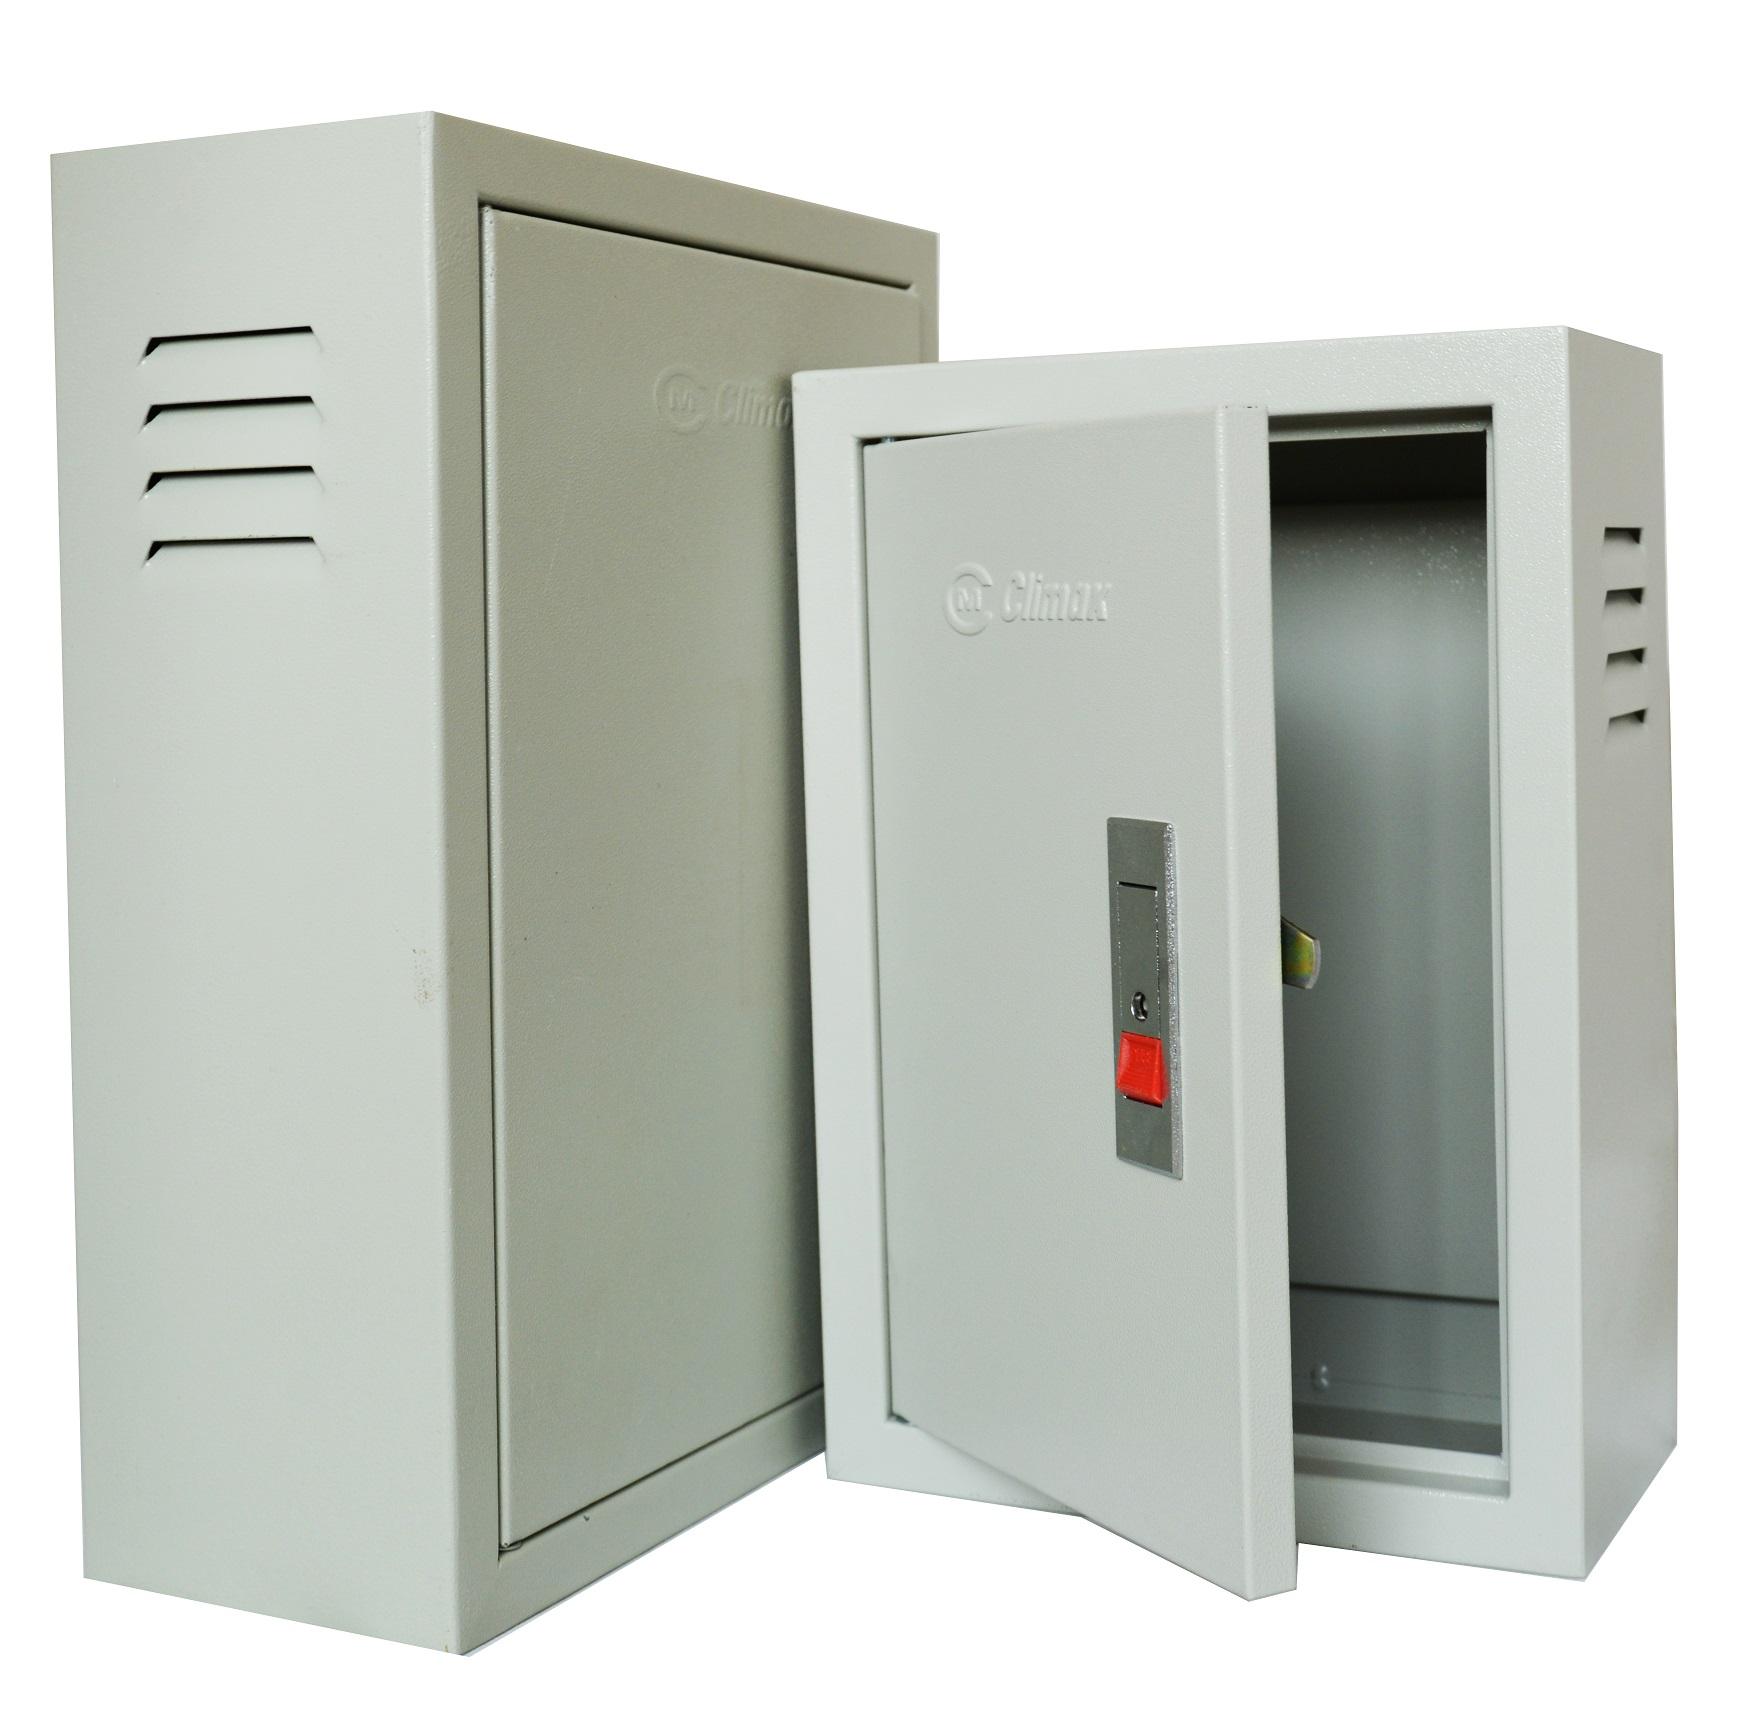 Vỏ tủ điện 200x300x150mm màu xám dày 1mm  TGCN-46031 OEM-546